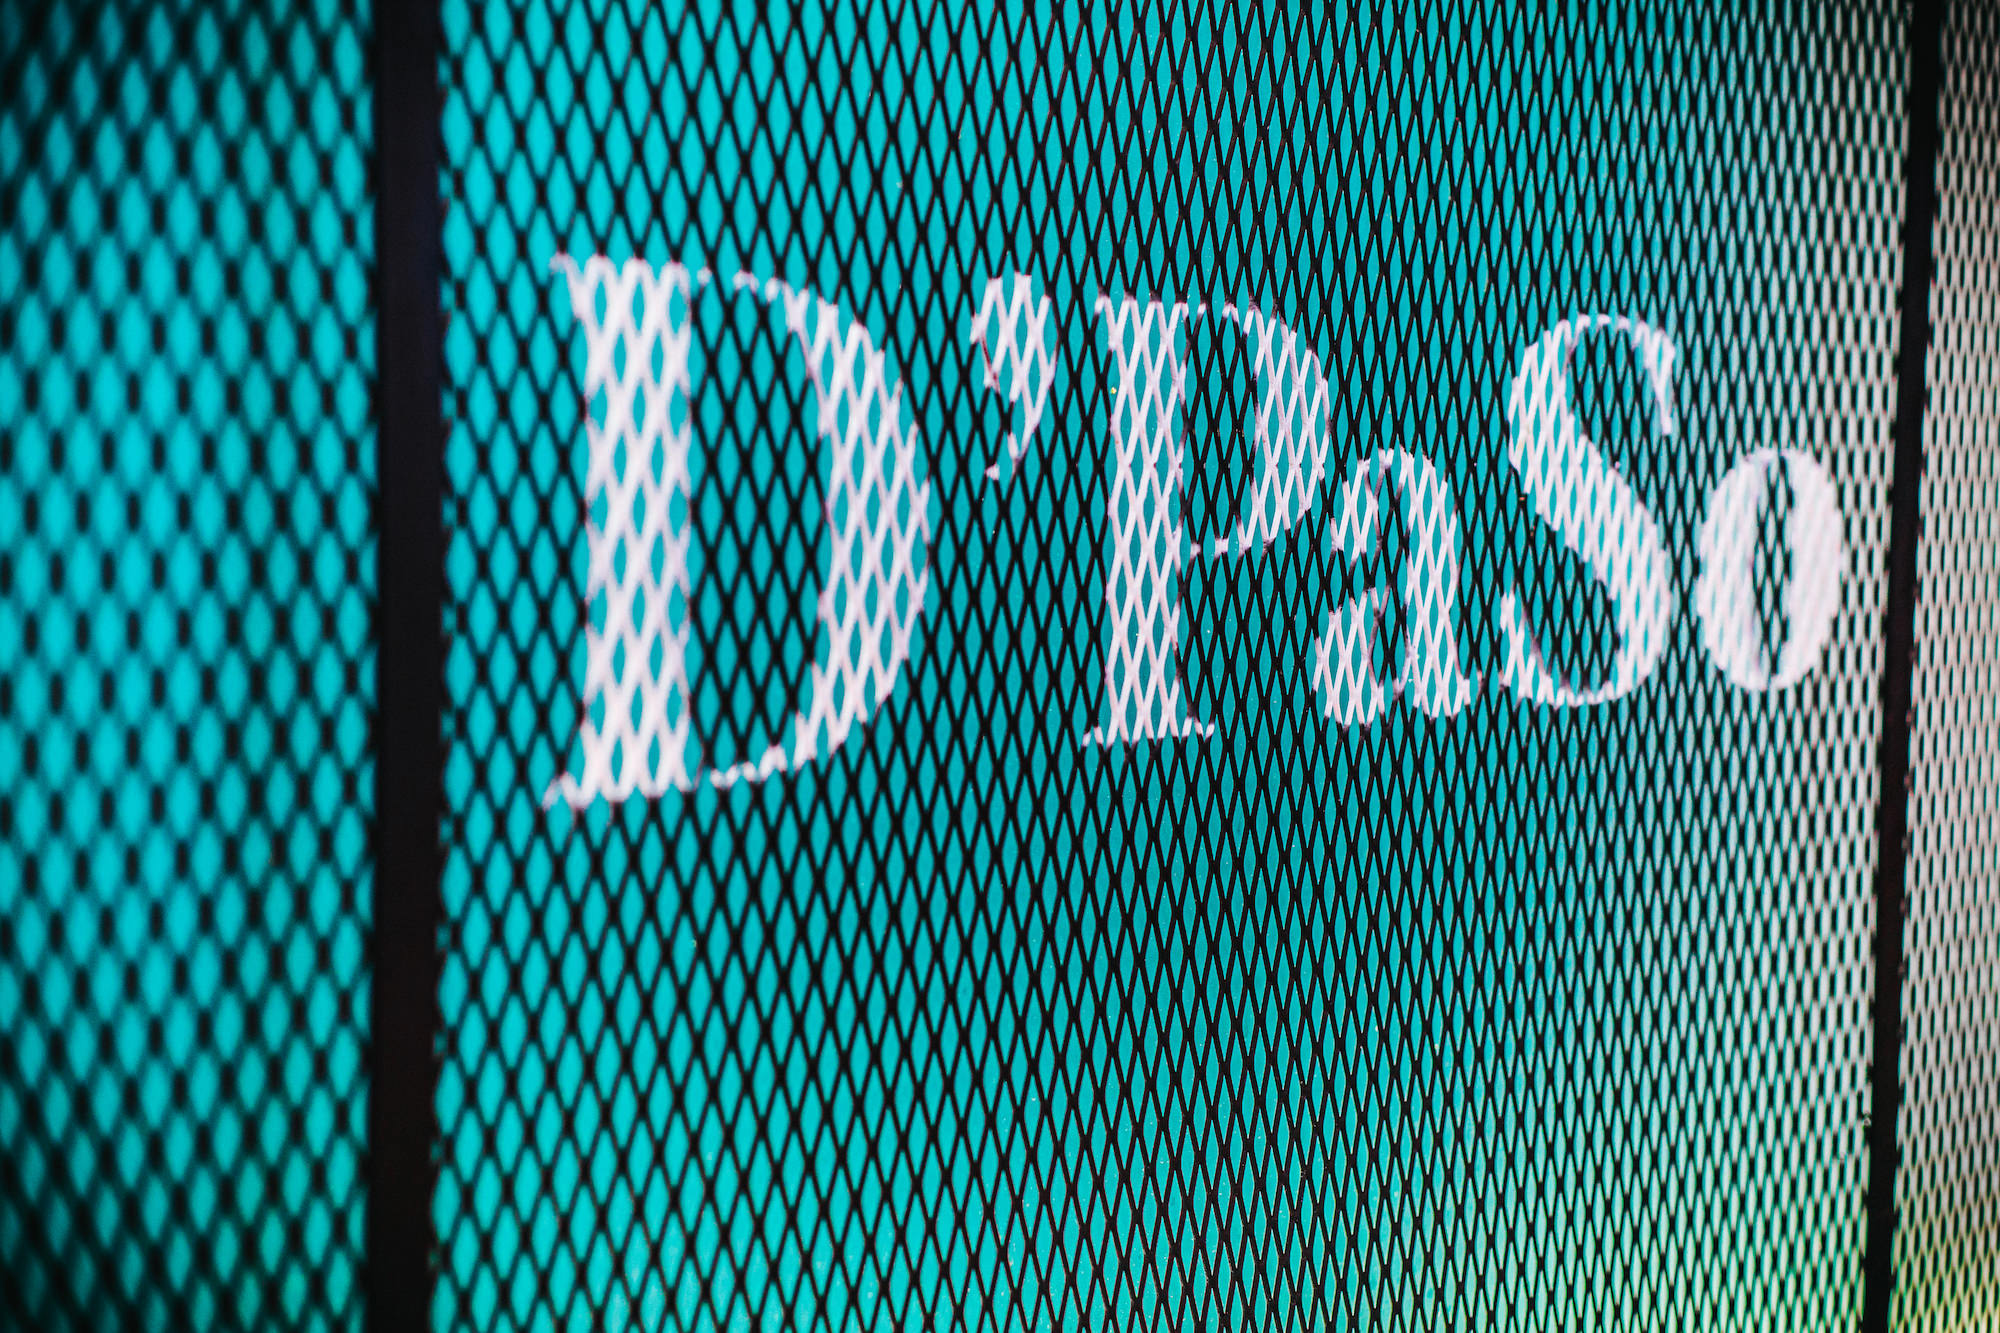 fotografo-comercial-las-palmas-gran-canaria-unbuenmomento-estudio-fotografico-restaurante-dpaso-24.jpg